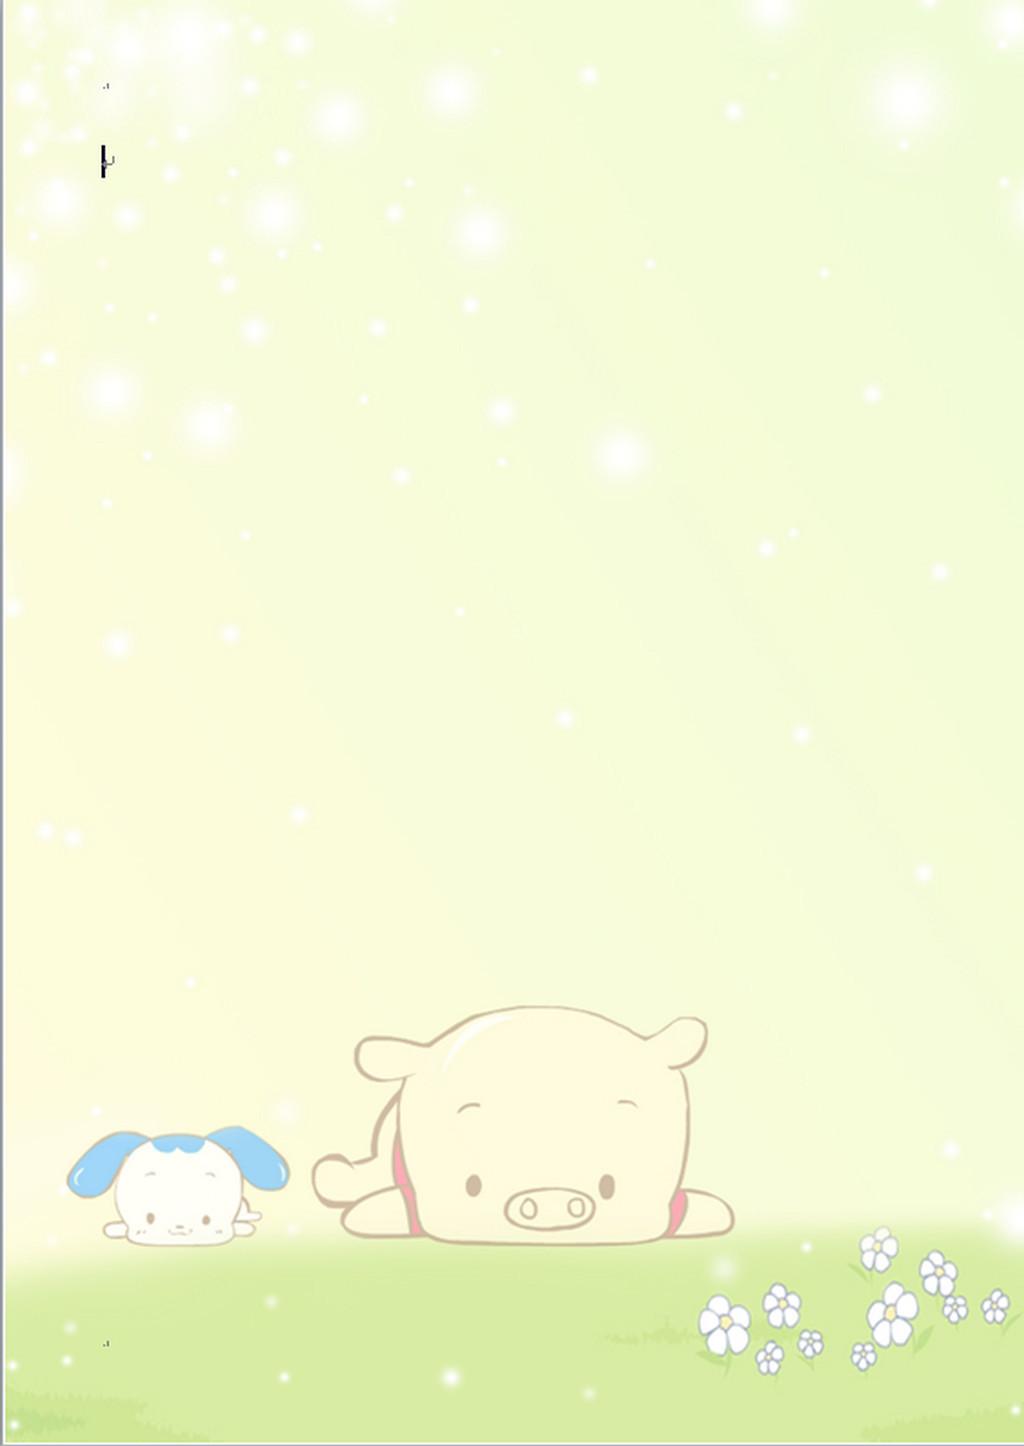 可爱卡通猪信纸word模板下载